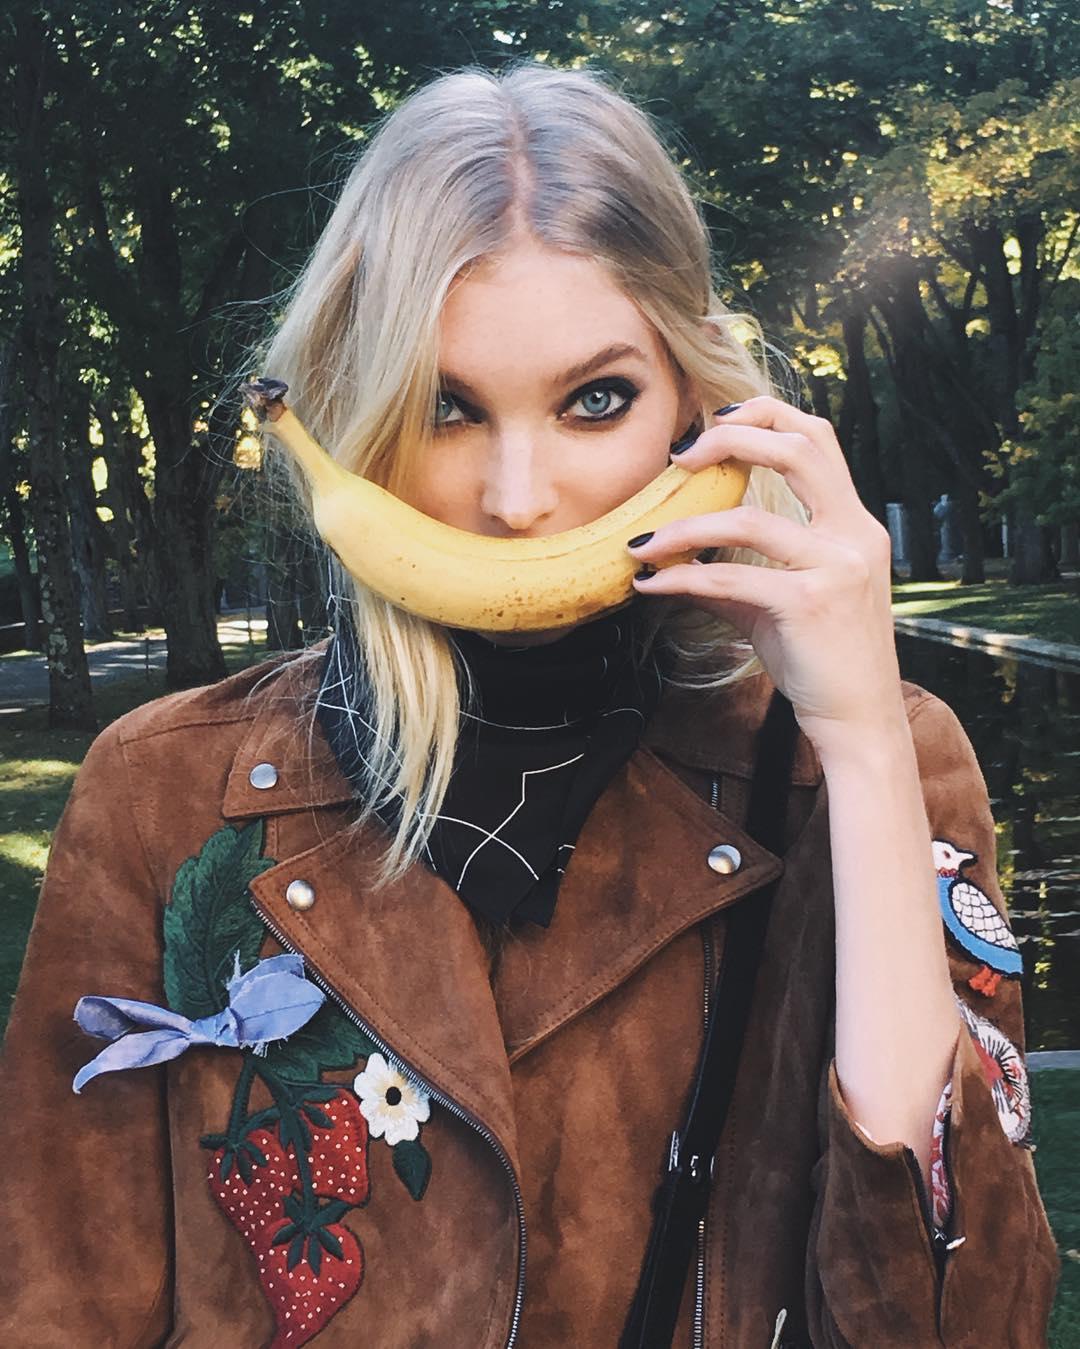 Elsa Hosk mit einer Banane